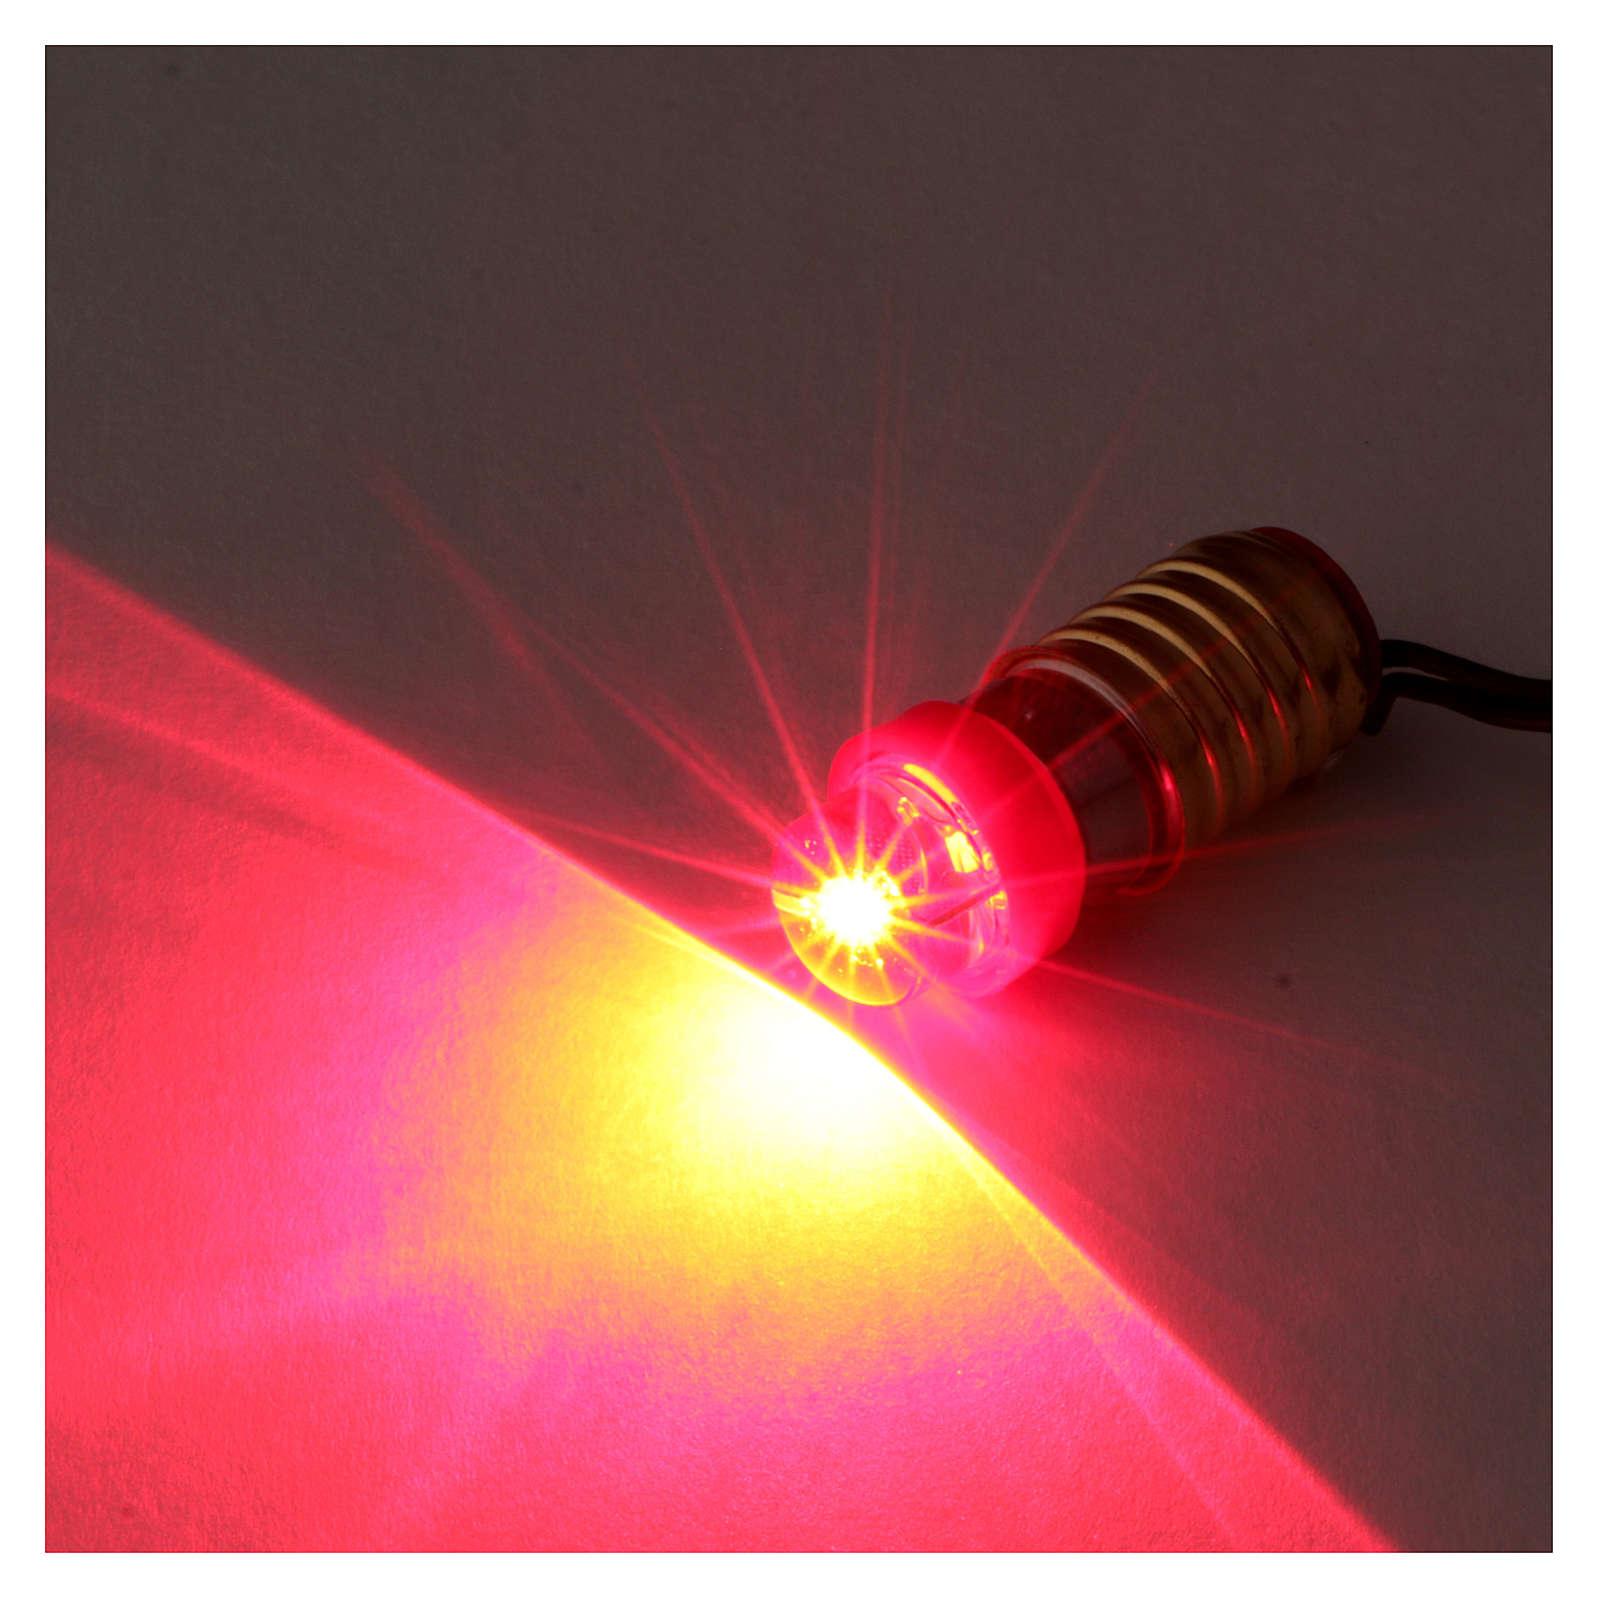 Led lampadina rossa con cablaggio a basso voltaggio 4